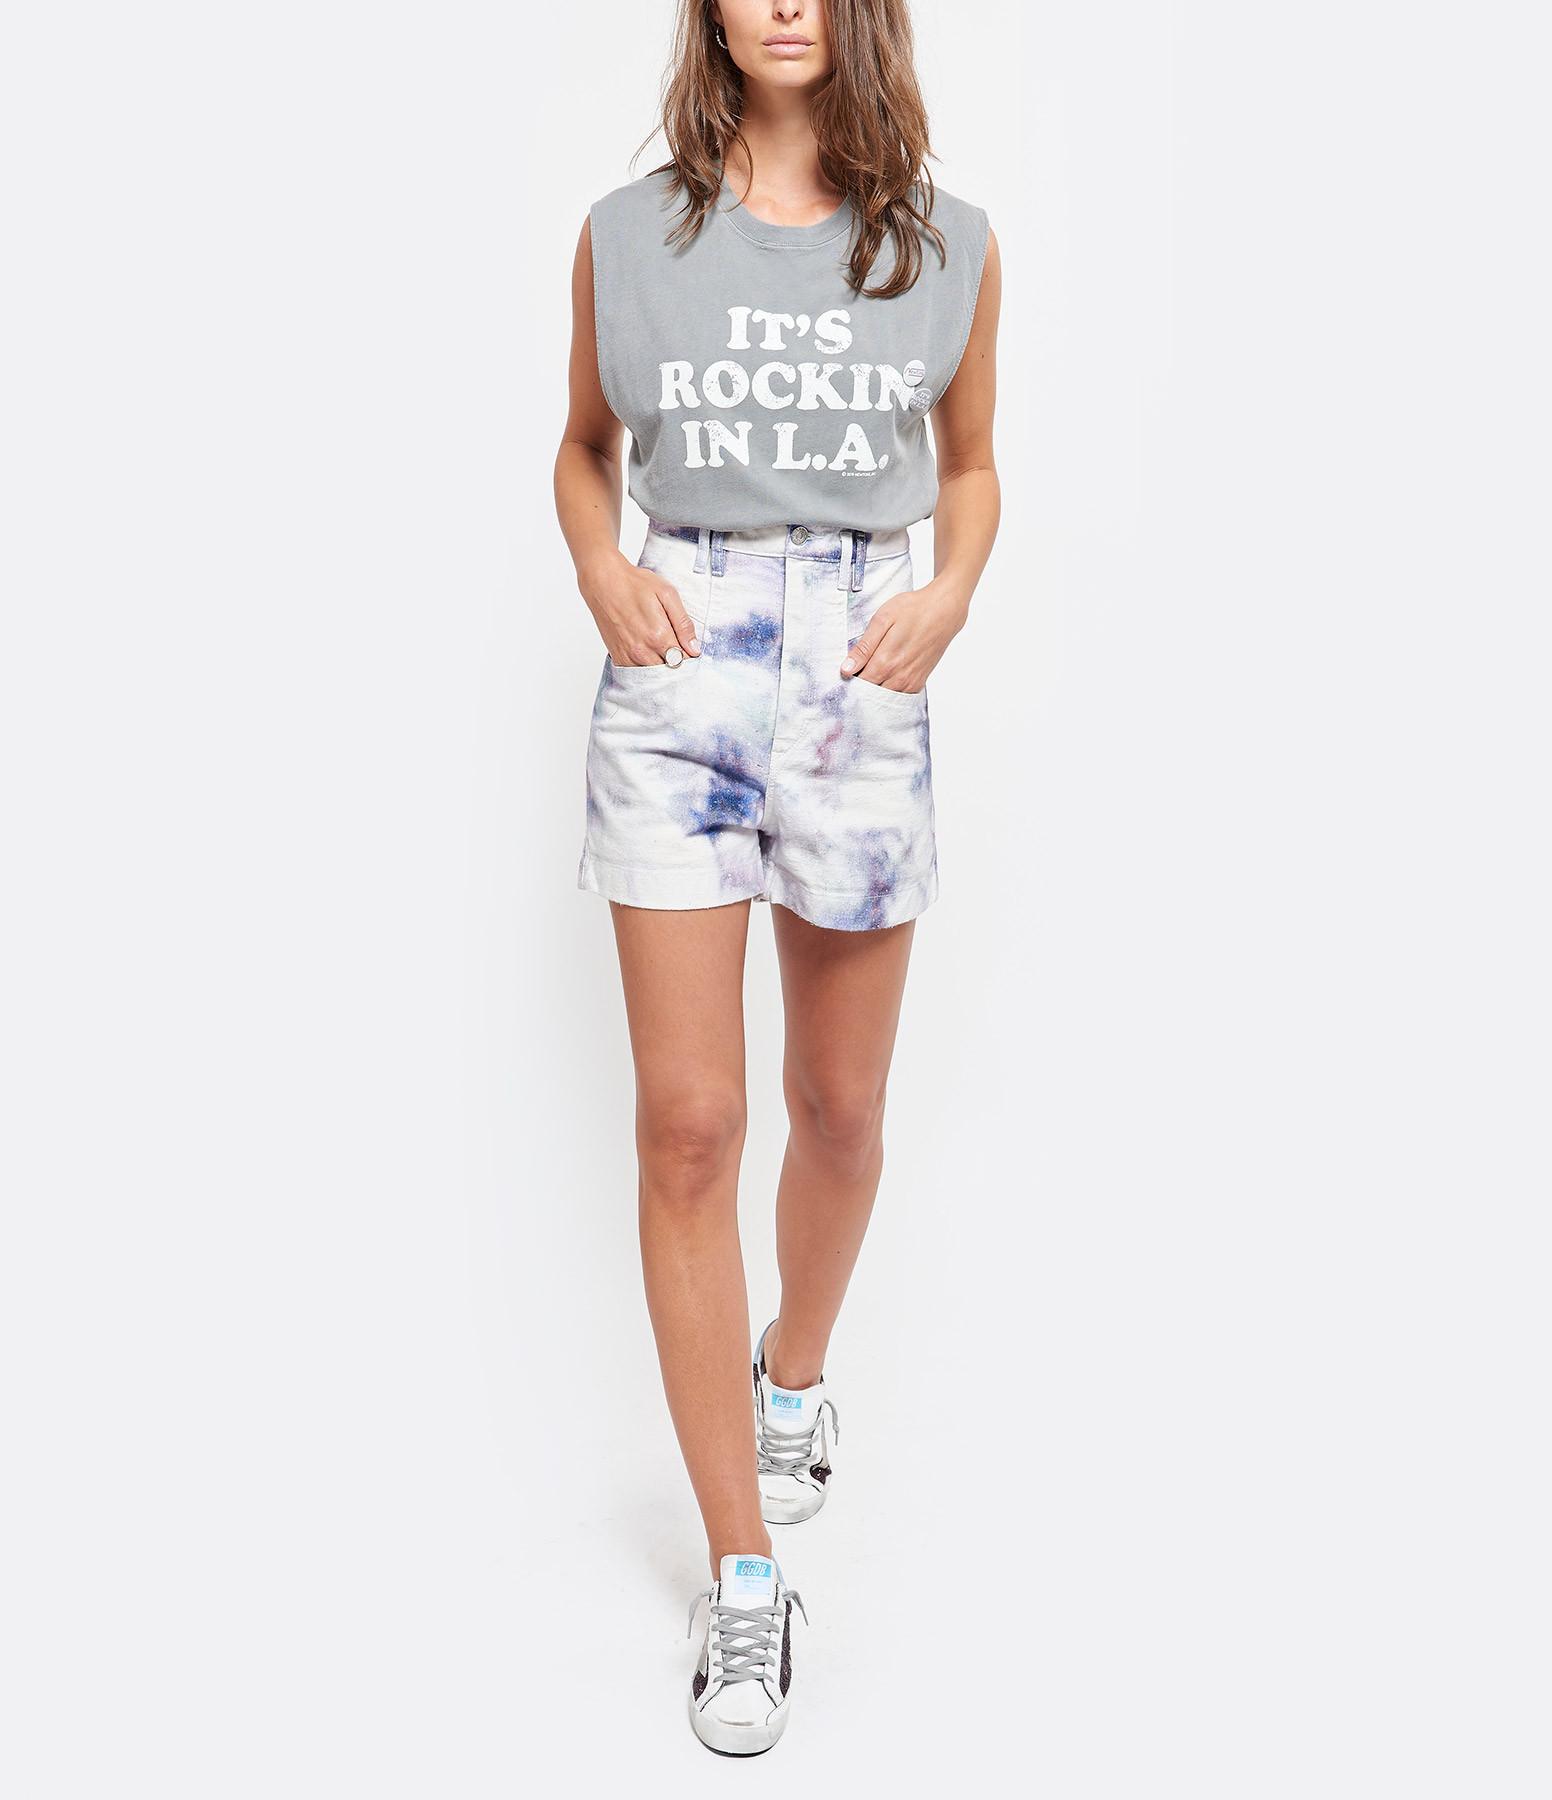 NEWTONE - Tee-shirt Rockin Coton Gris